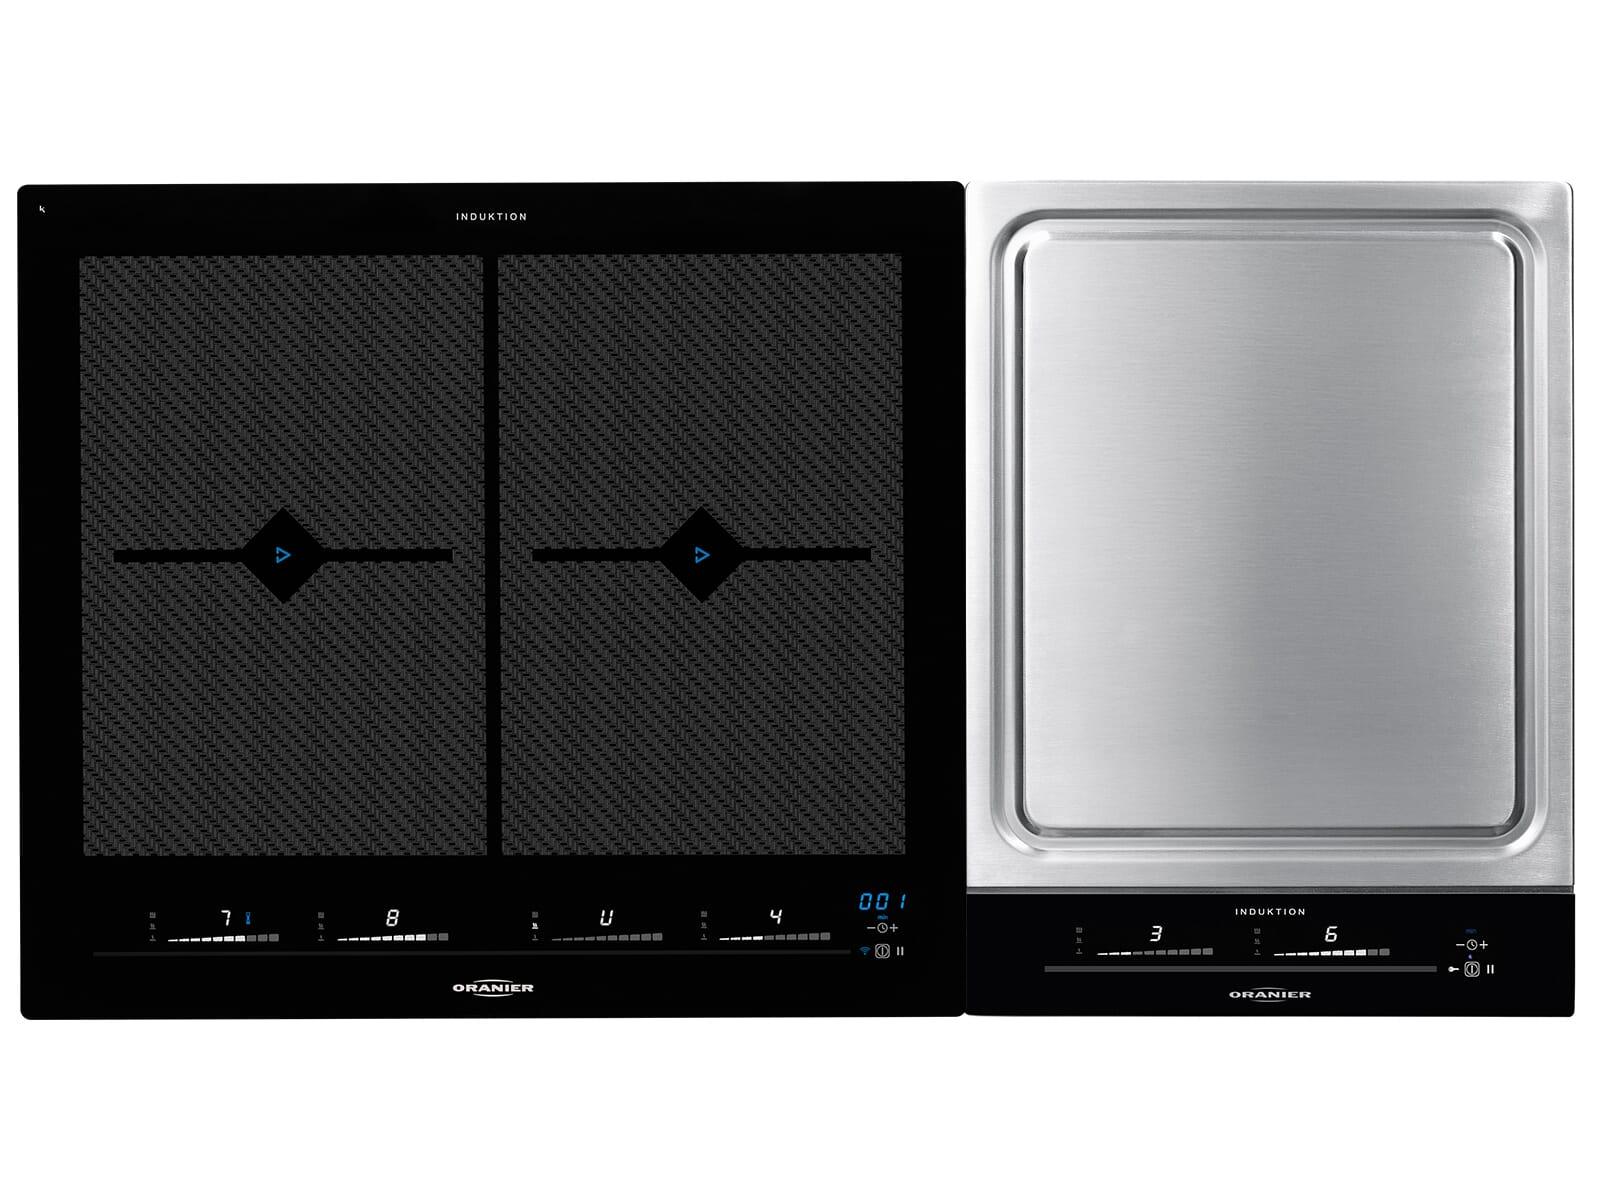 Oranier Set FLI 2068 be-cook - 2068 12 Domino Induktionskochfeld + TY 2738 SL+ - 2738 10 Domino Kochfeld Teppan Yaki